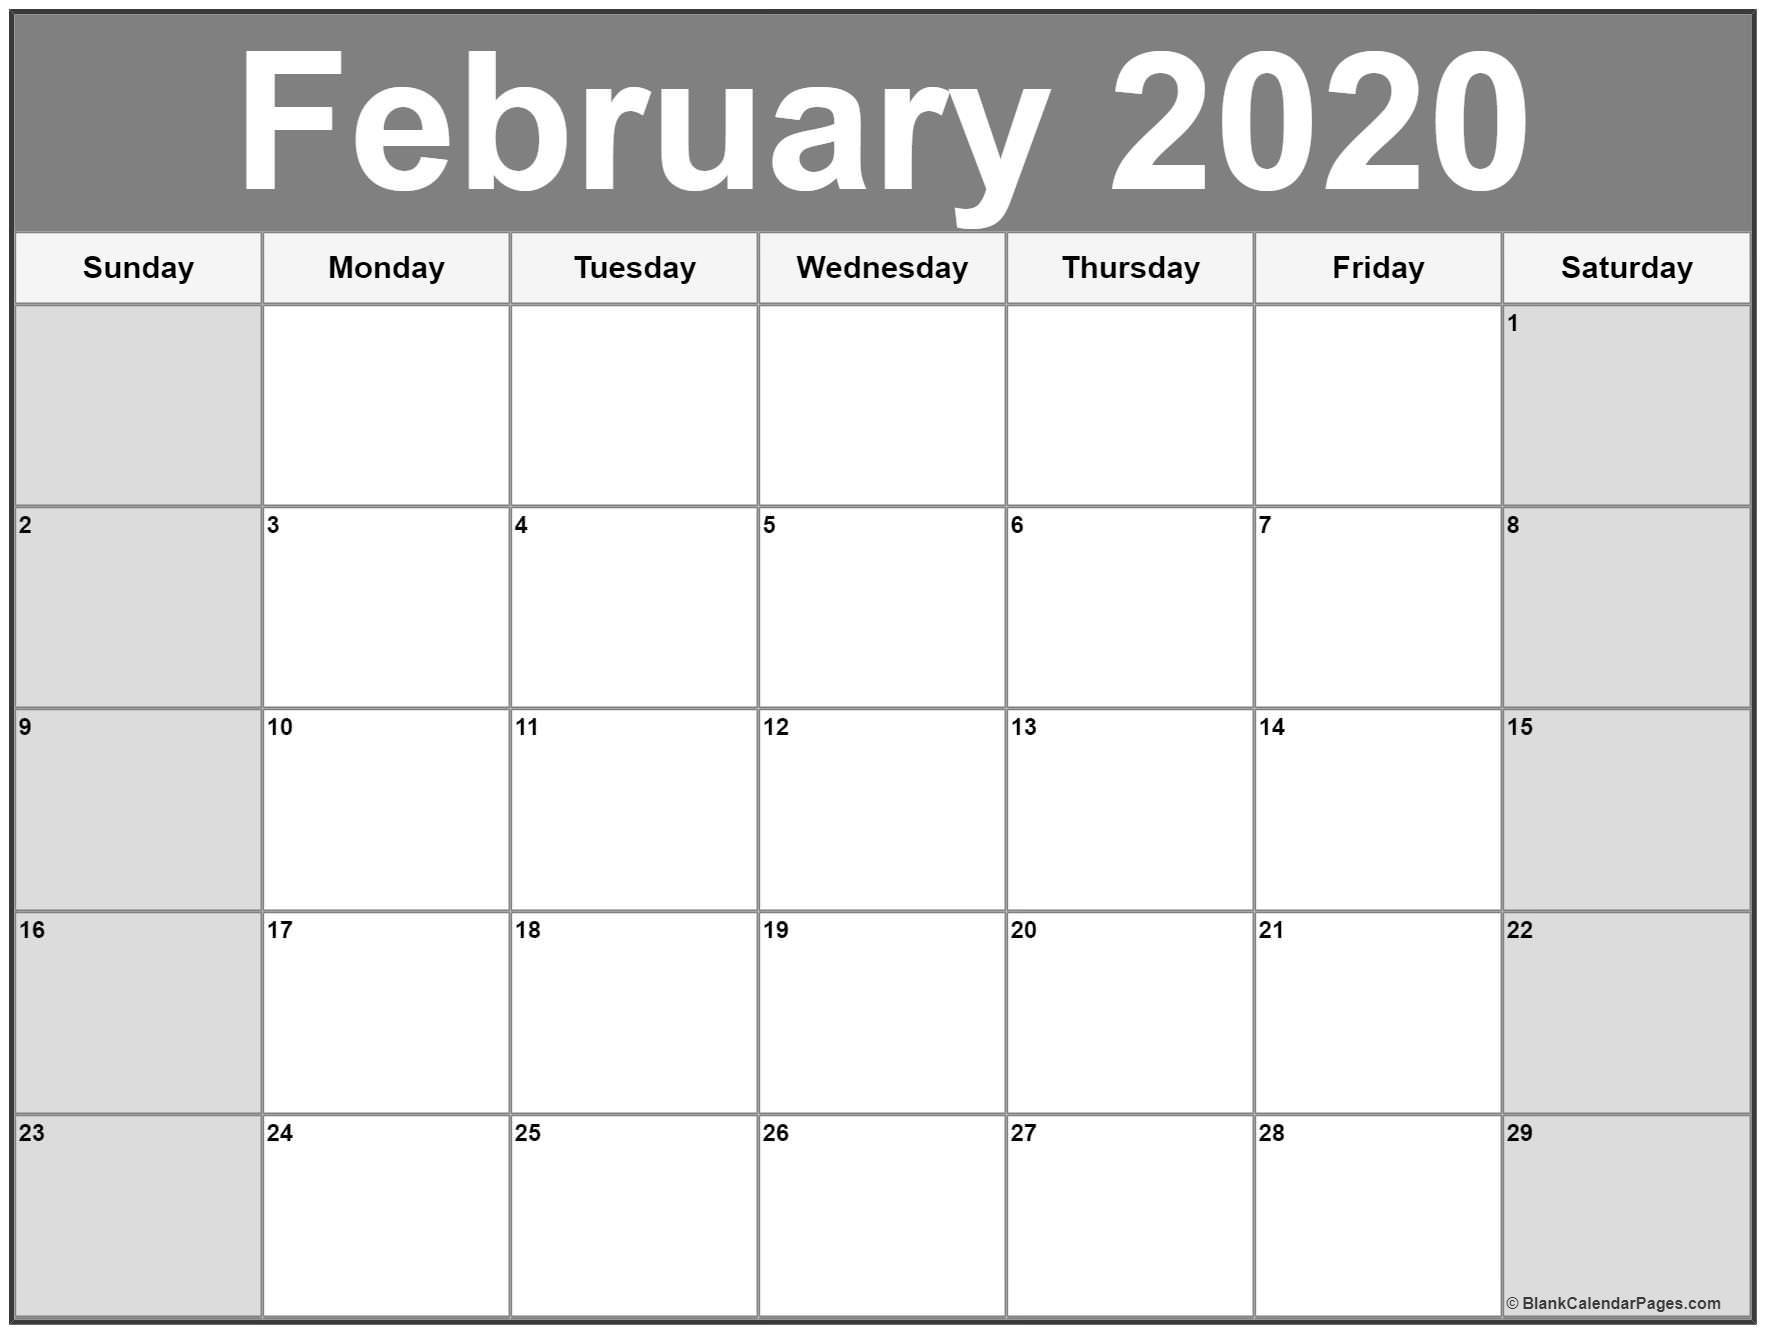 Free Printable Calendar for February 2020 February 2020 Calendar